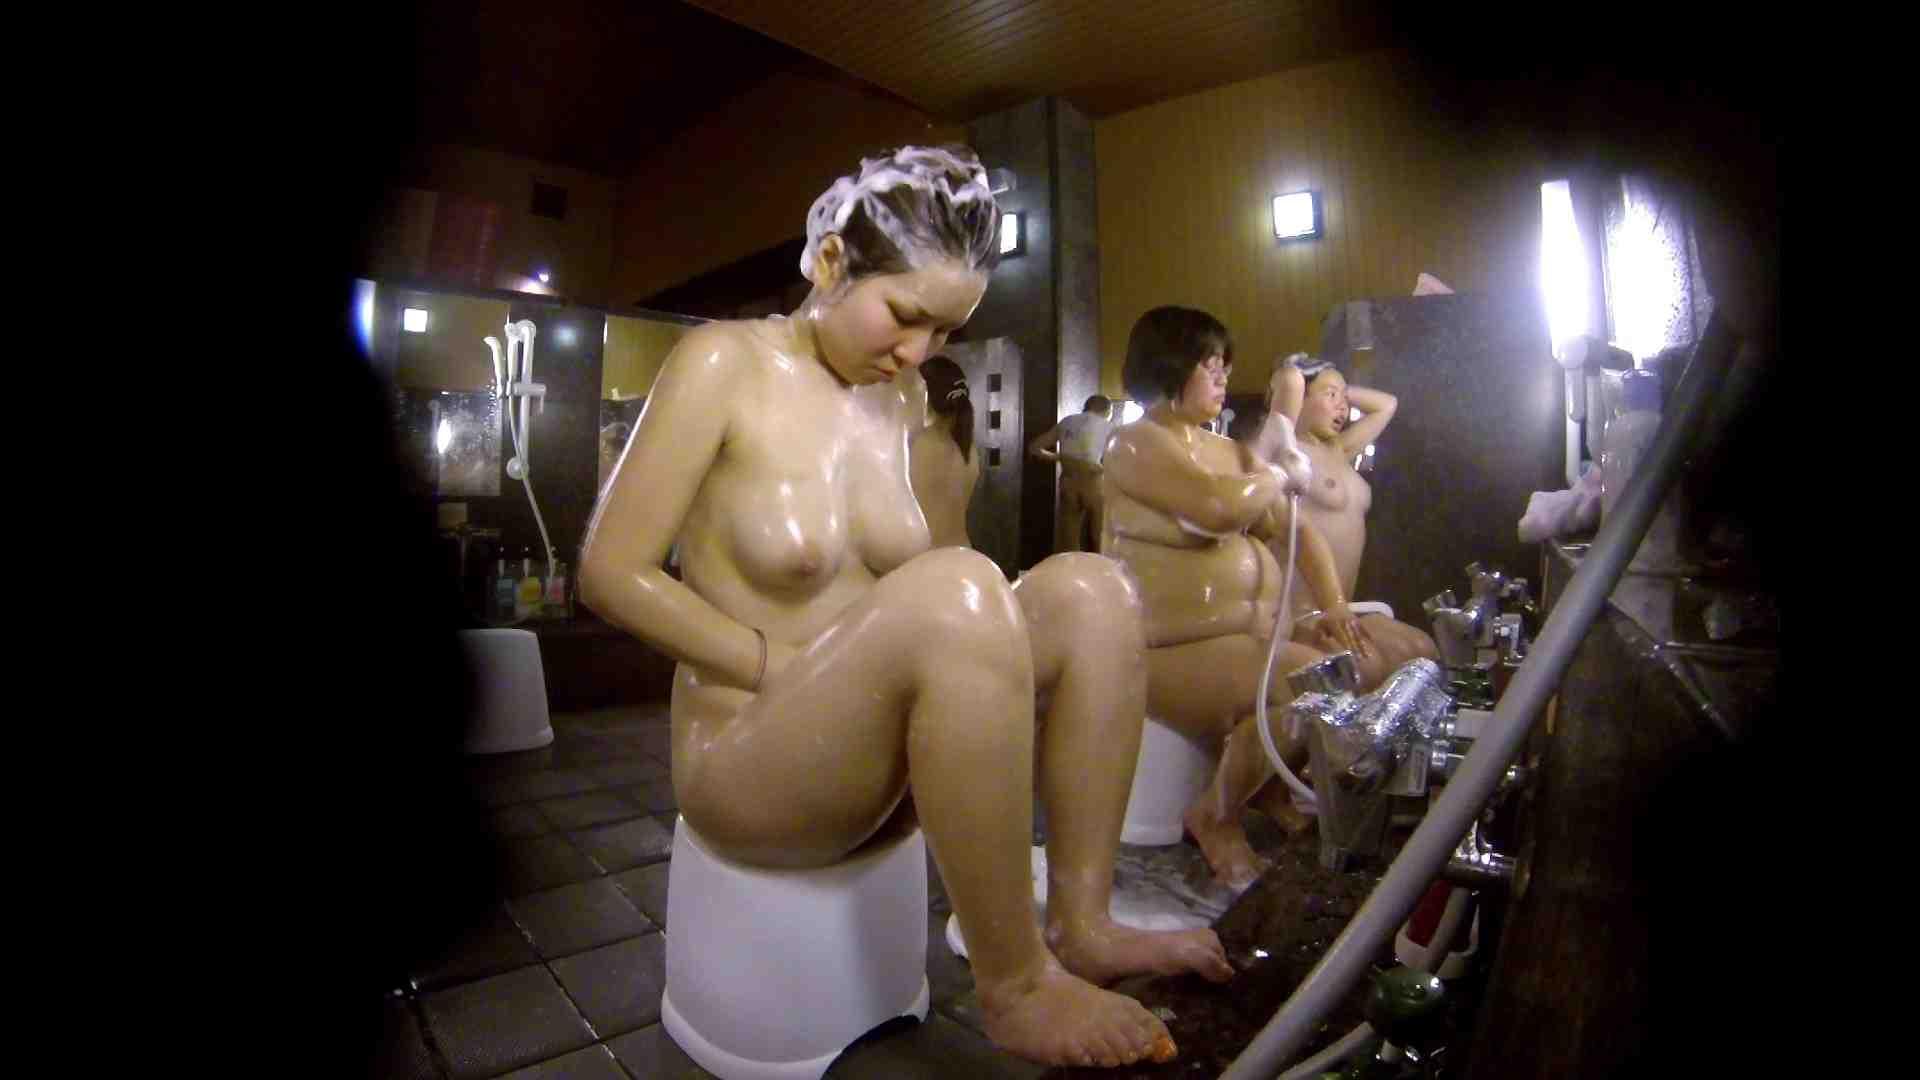 洗い場!色白でなかなかの美巨乳。柔らかく揺れまくりです 銭湯 盗み撮りオマンコ動画キャプチャ 92pic 23